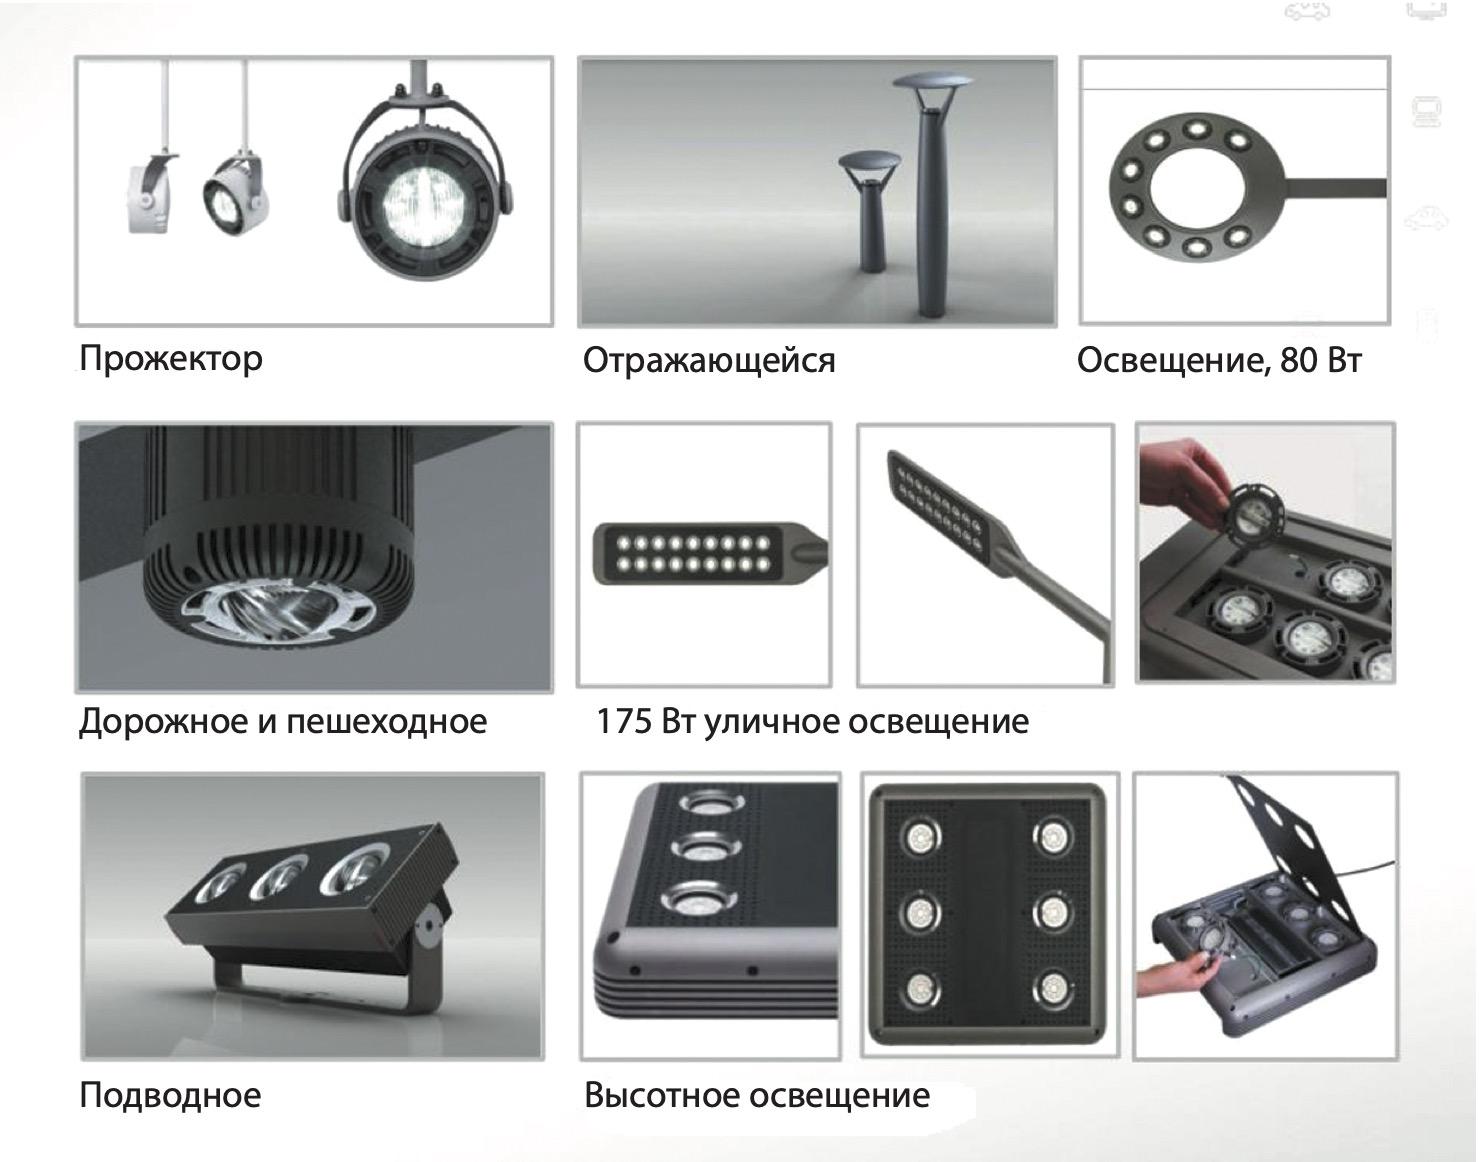 Осветительные устройства LG Innotek